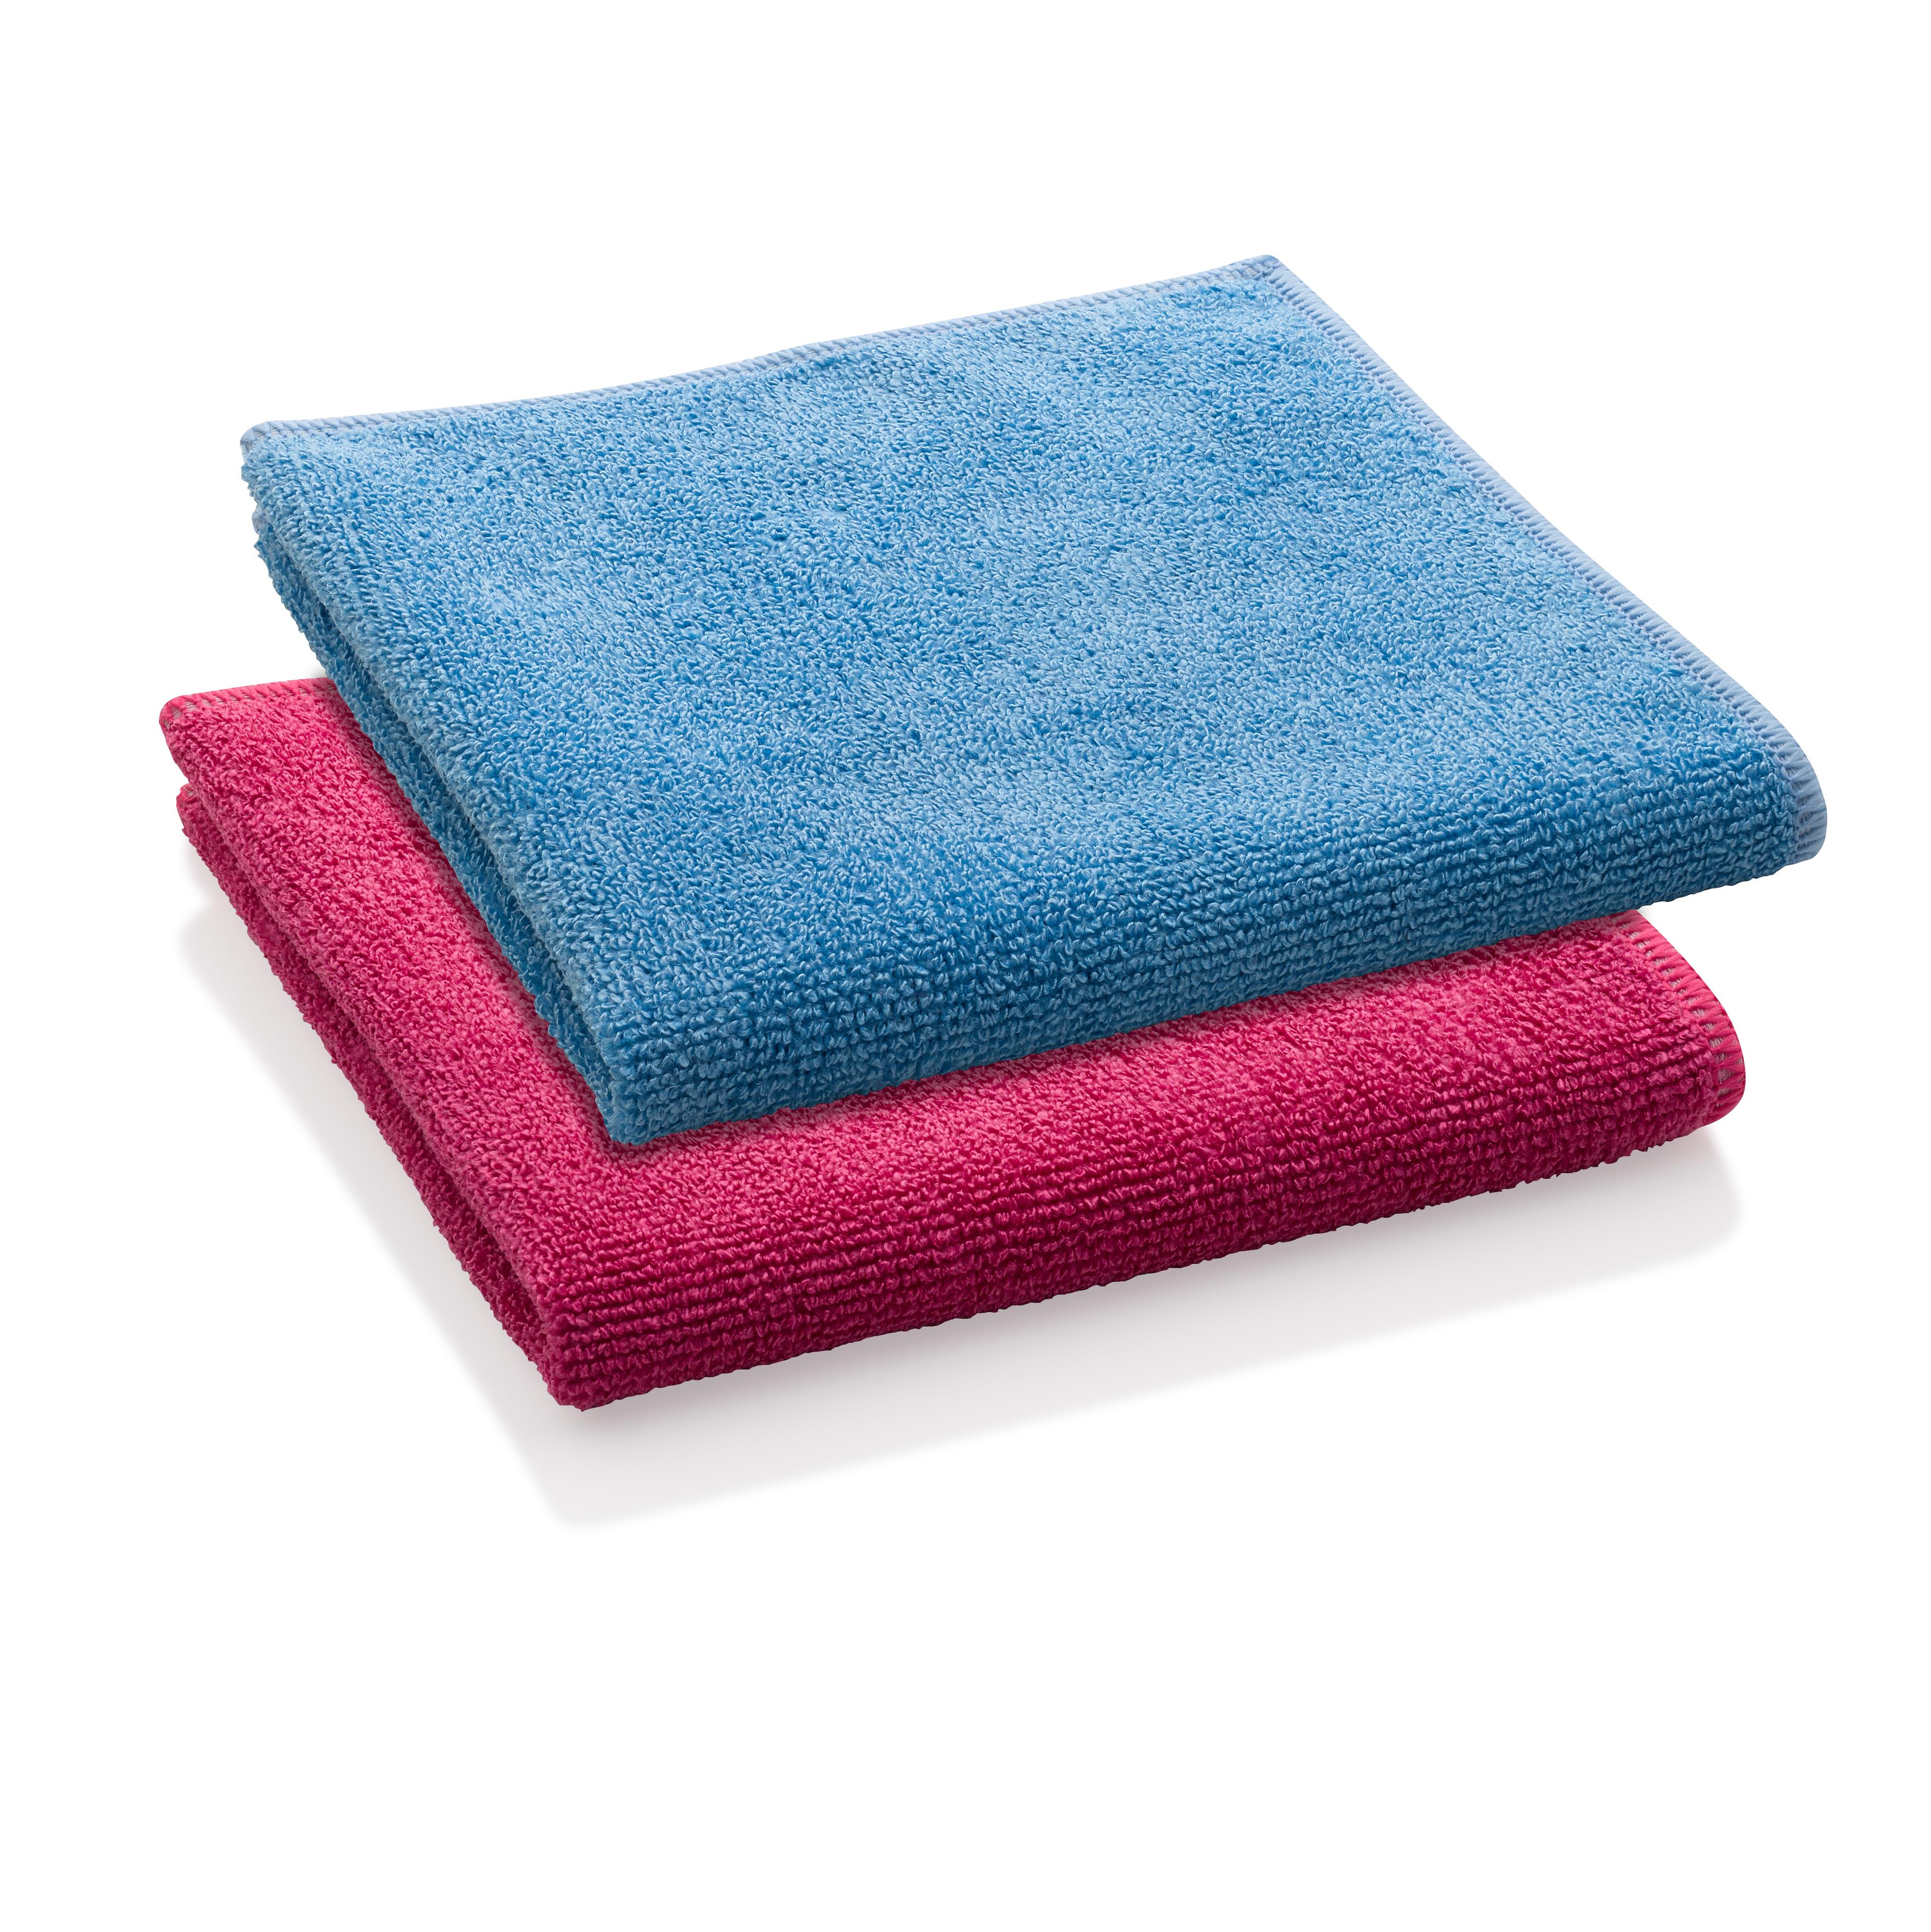 e-ClothGeneral Purpose Cloth 100% Extra Free